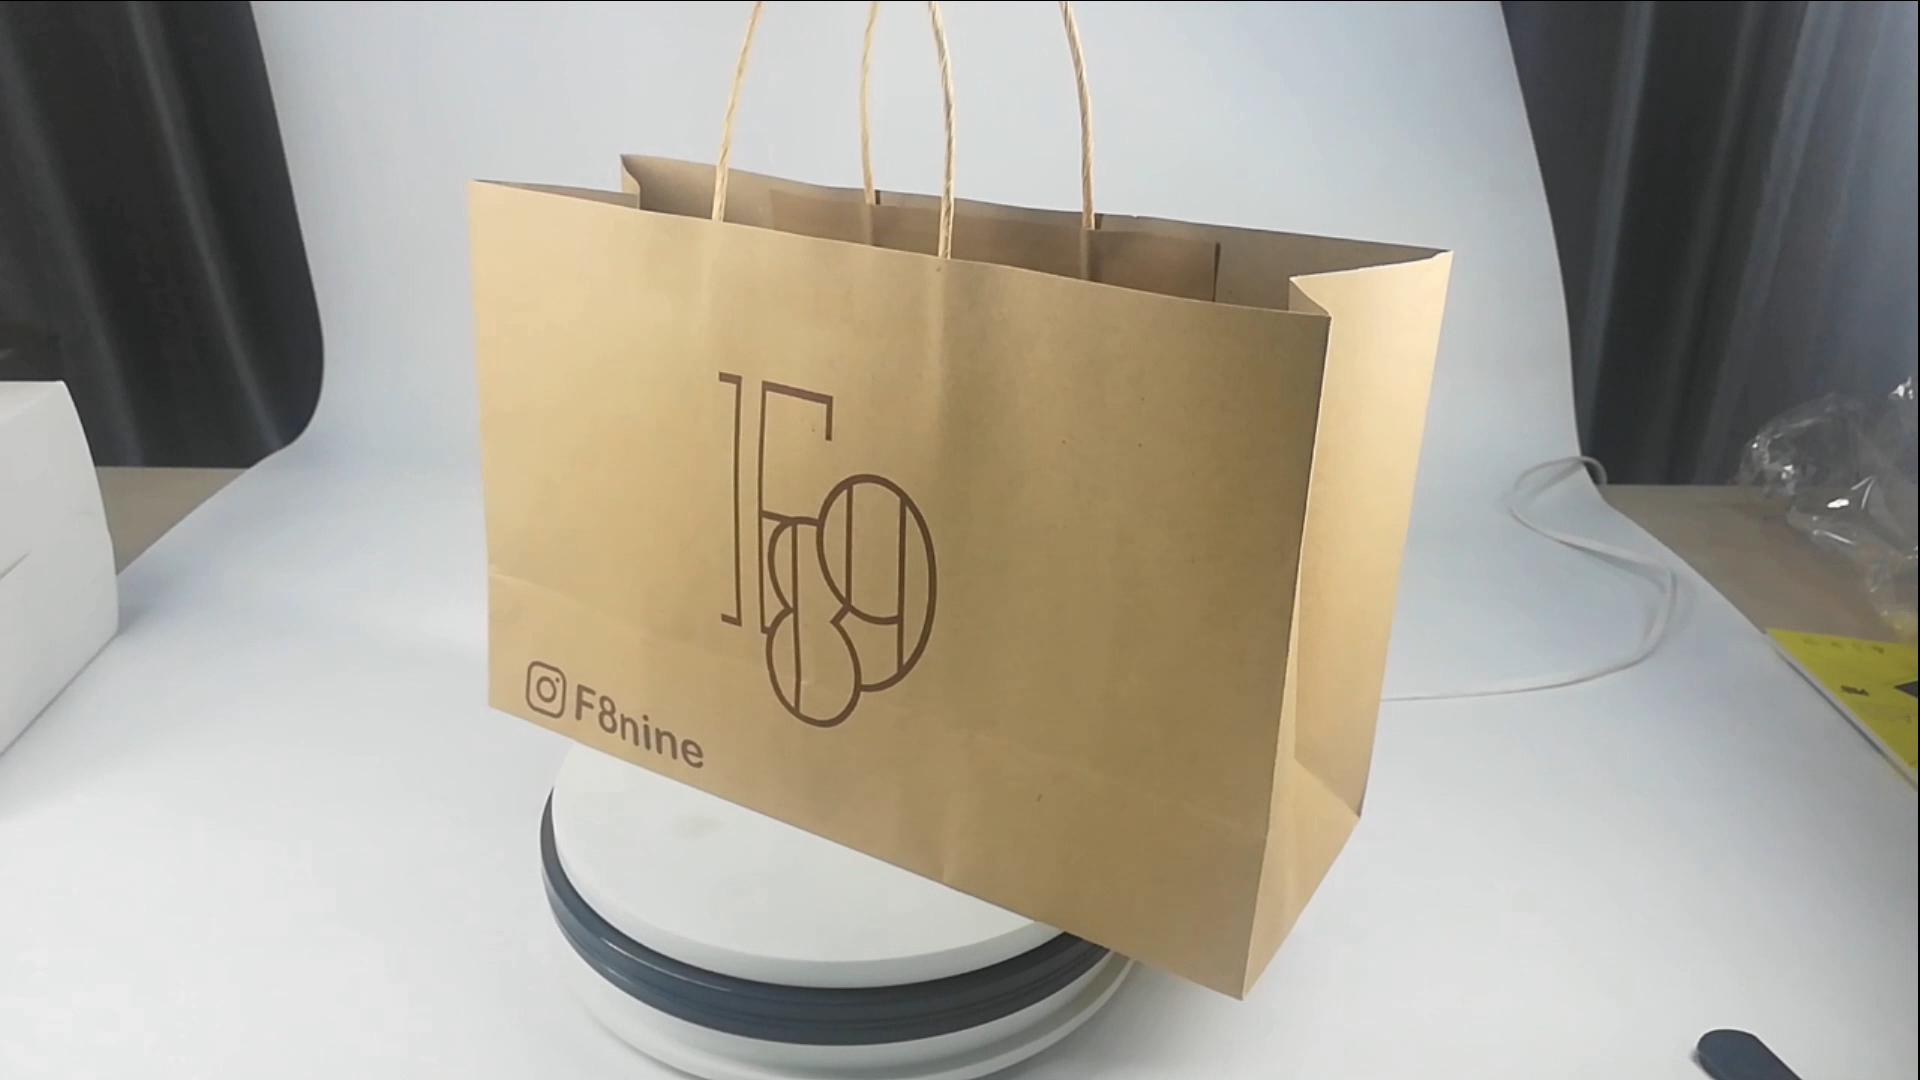 OEM Luxus großhandel verpackung shopping standard papier taschen drucker, angepasst braun kraft papier tasche für geschenk kaffee